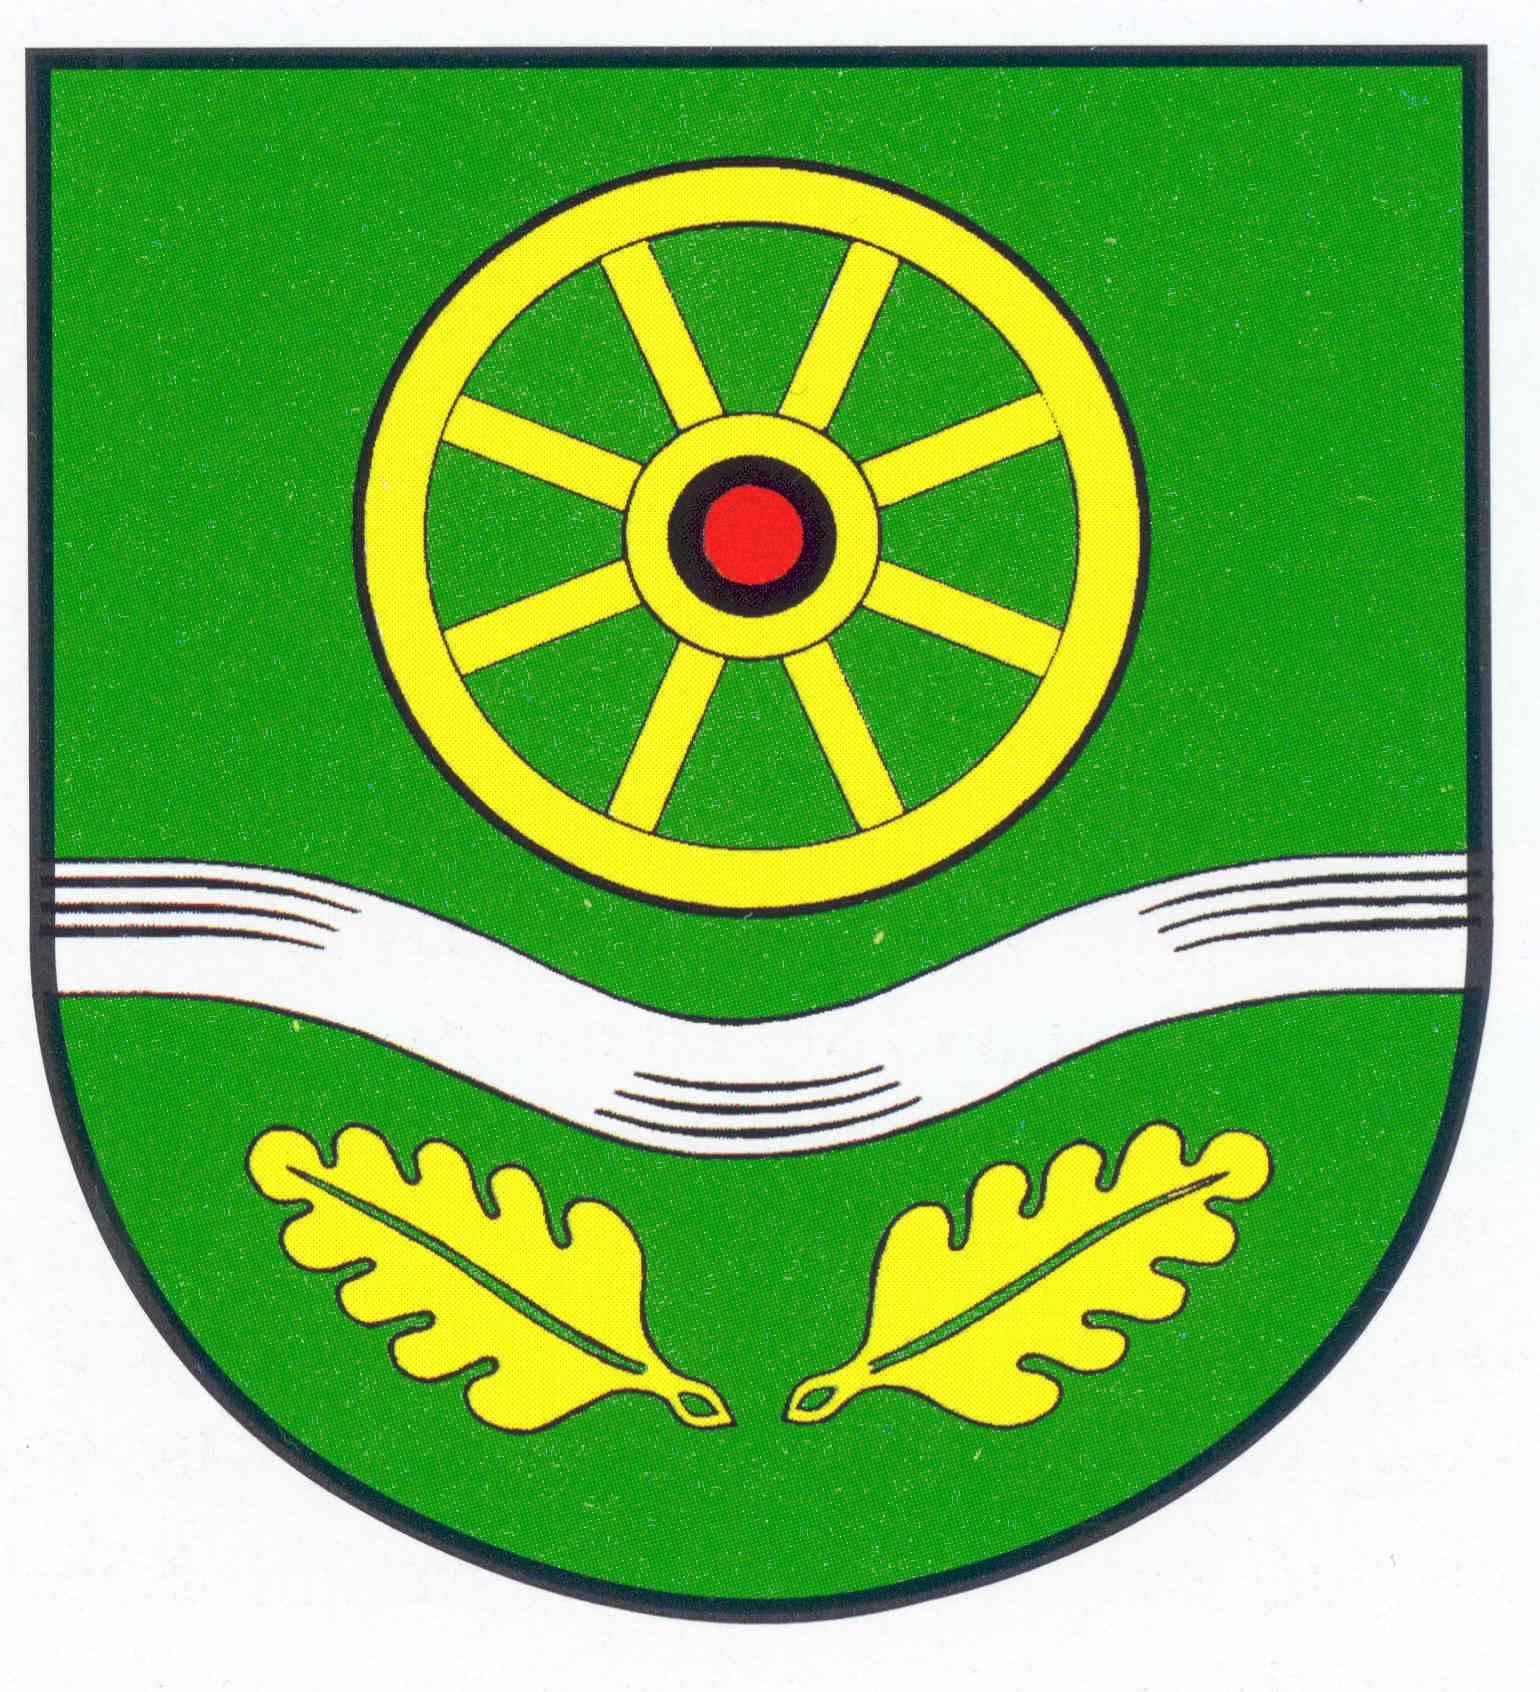 Wappen GemeindeKollow, Kreis Herzogtum Lauenburg